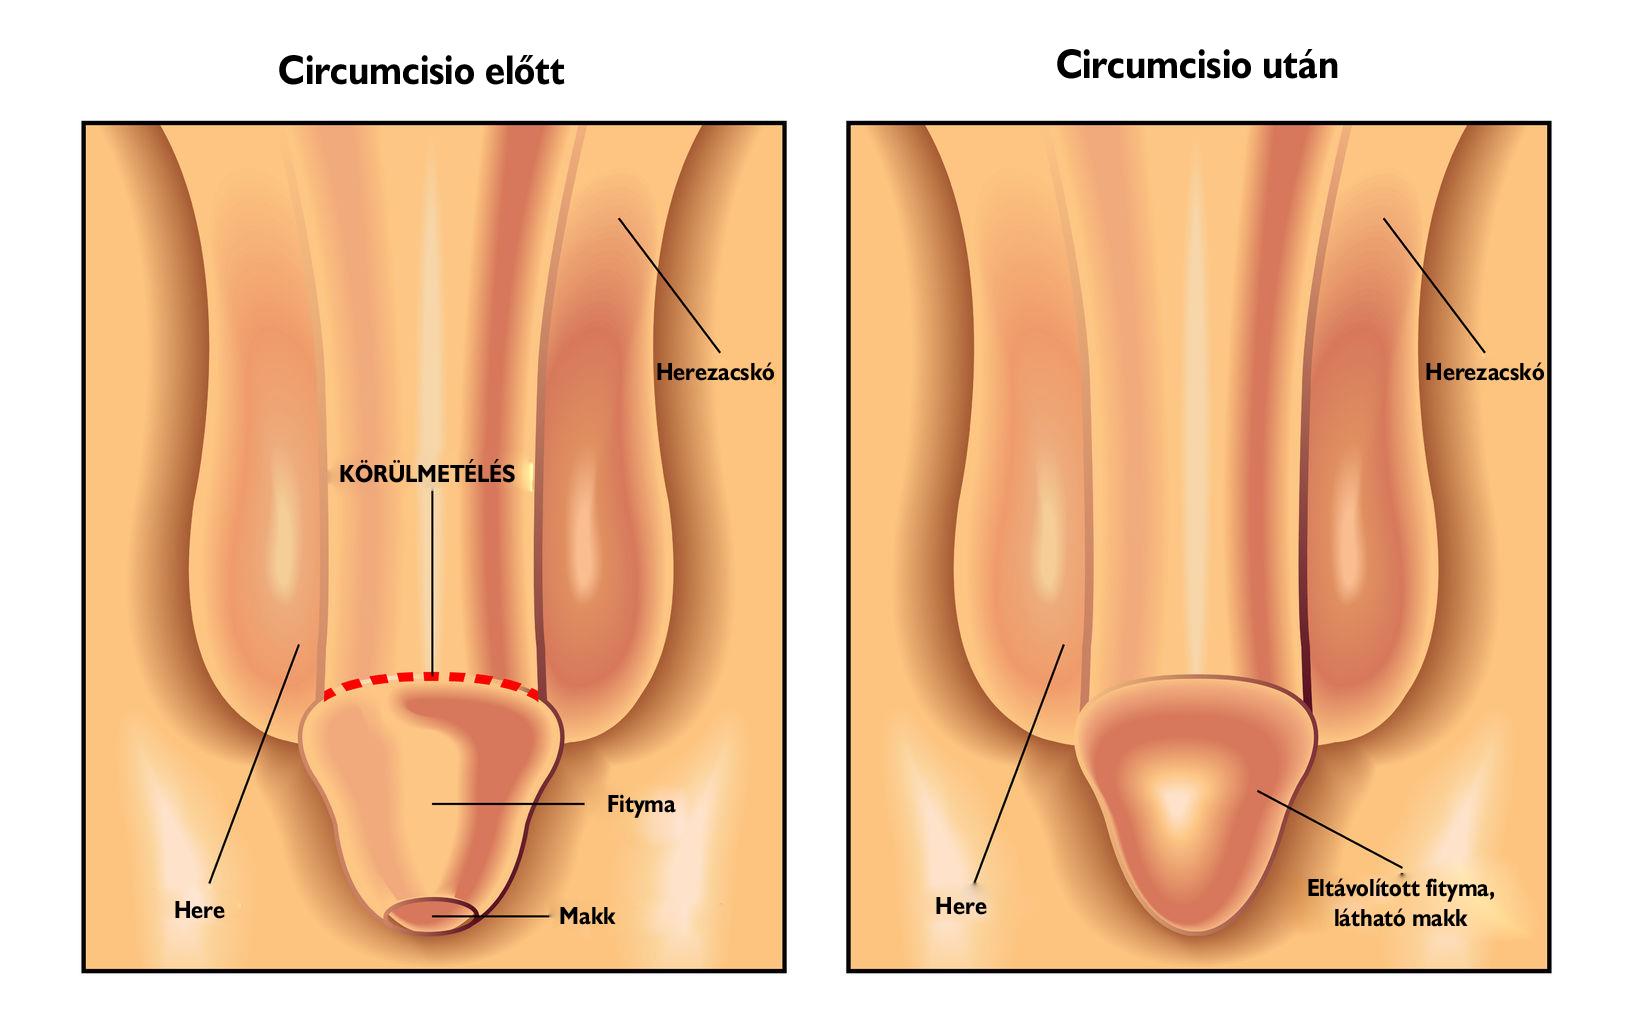 közösülés során a pénisz nem éri meg